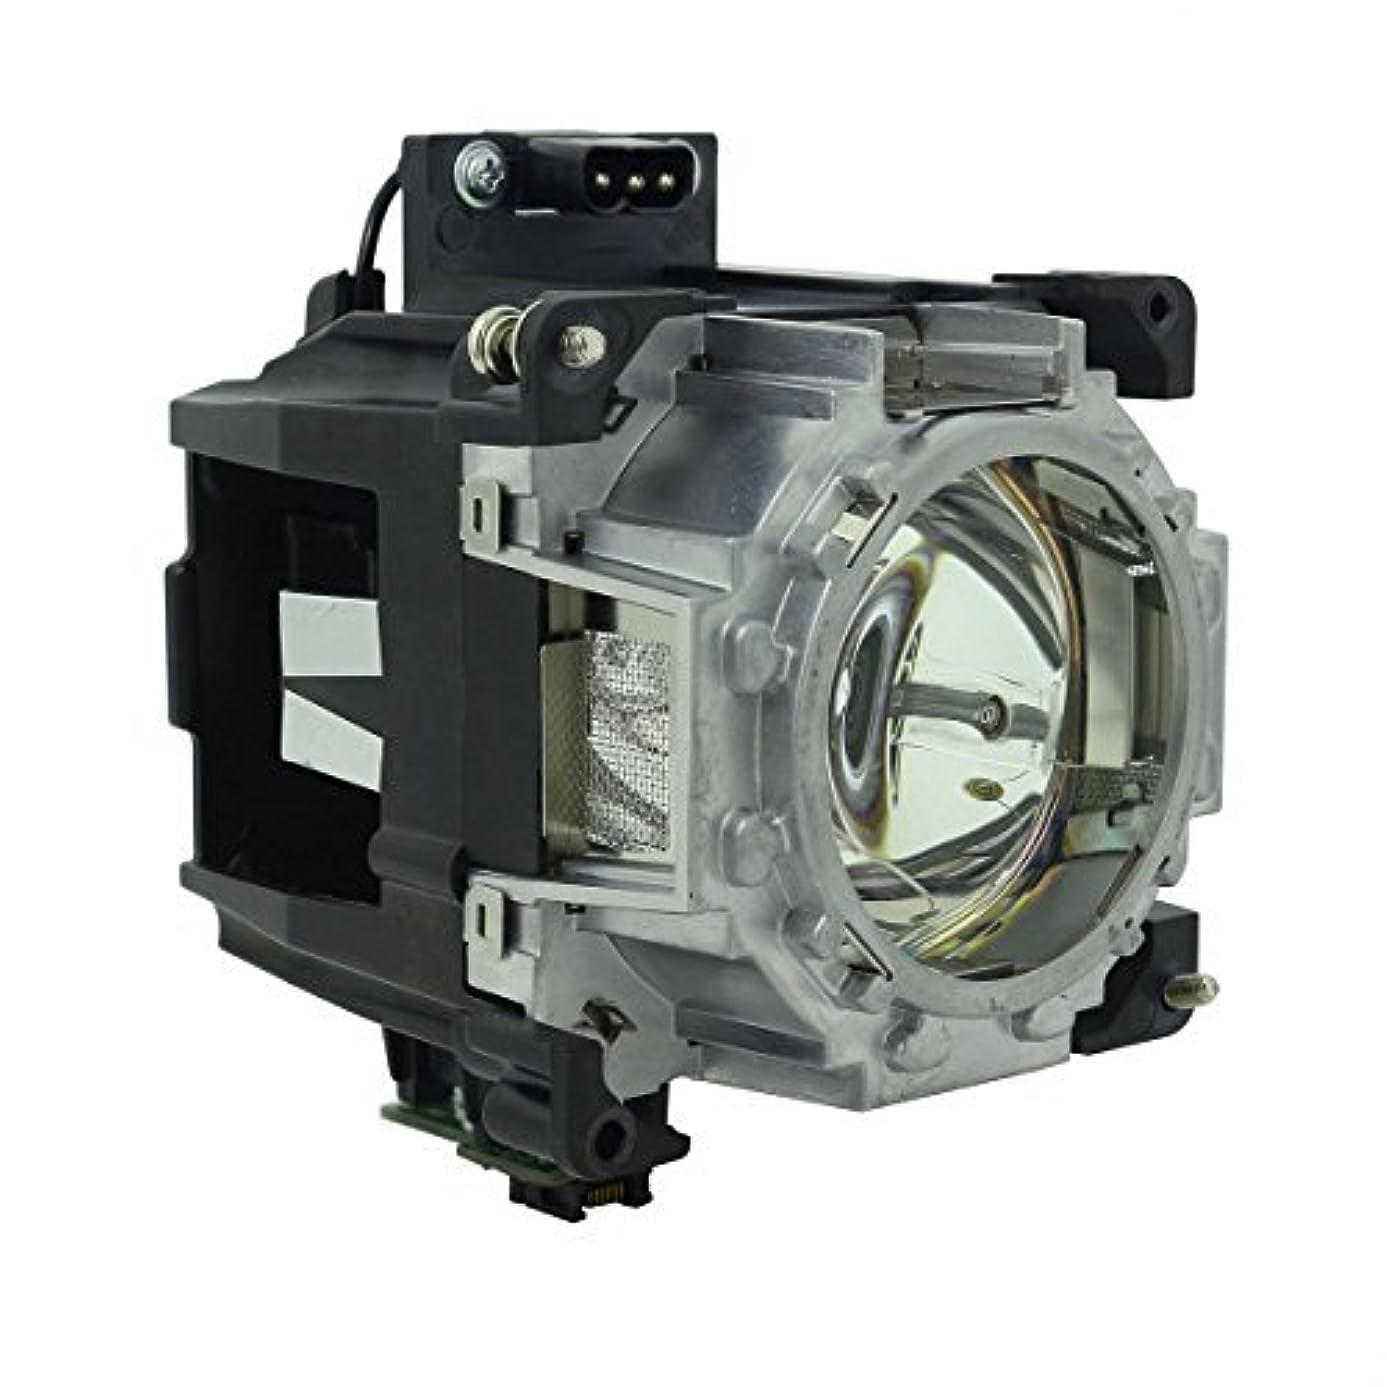 千スティック正確さSpArc Platinum Panasonic ET-LAD510 Projector Replacement Lamp with Housing [並行輸入品]